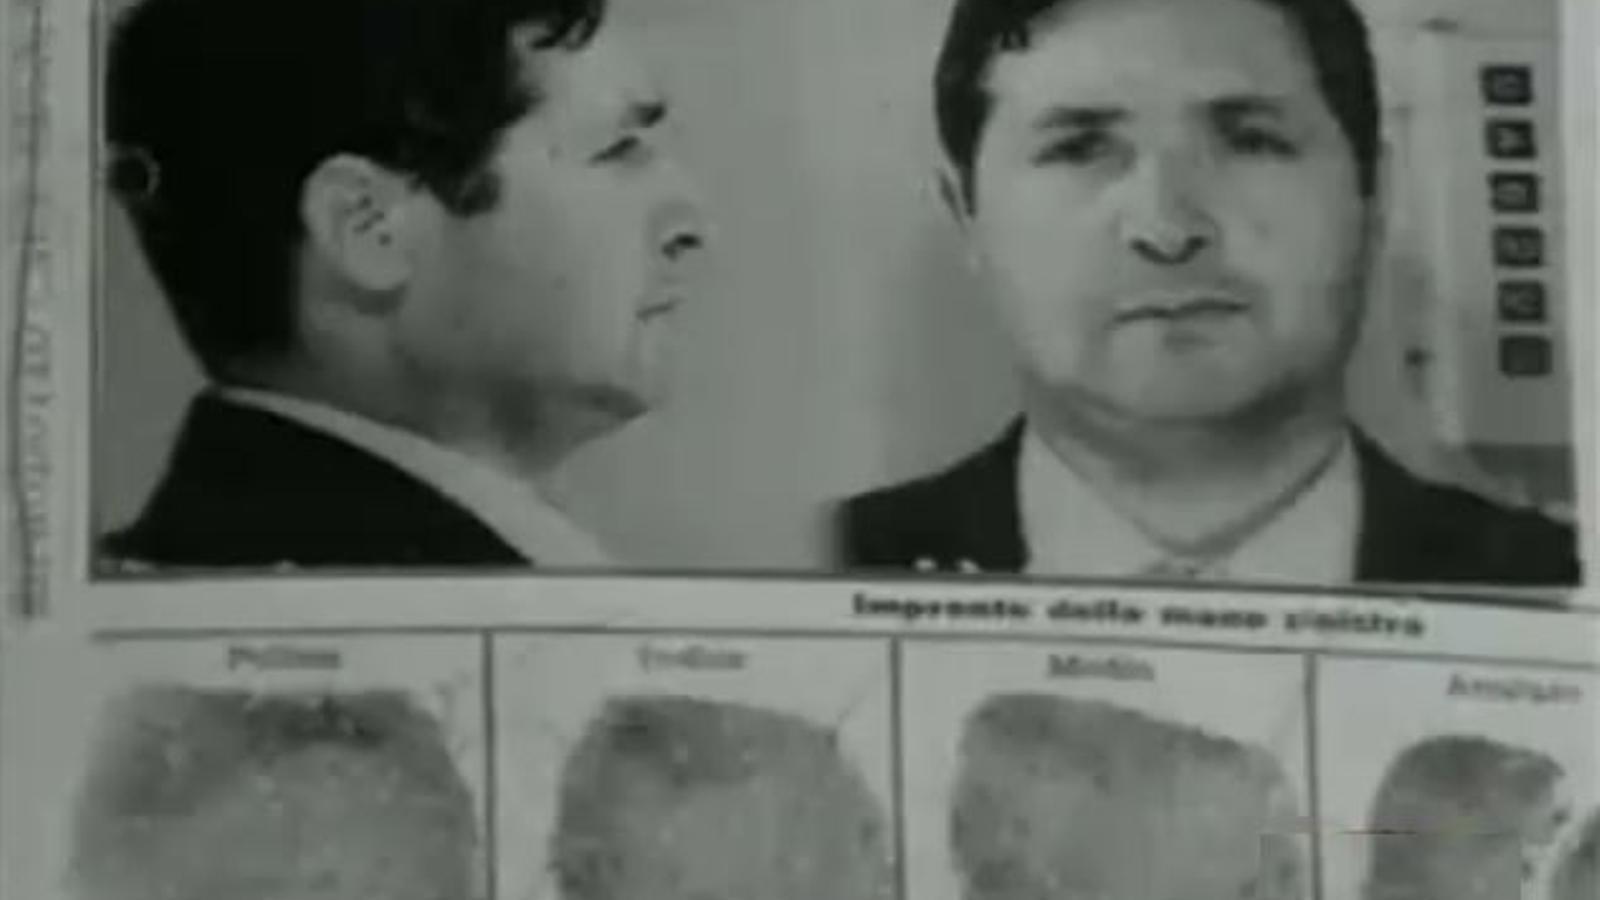 Fitxa policial de Salvatore Riina, àlies Totó Riina, el més important líder de la Cosa Nostra